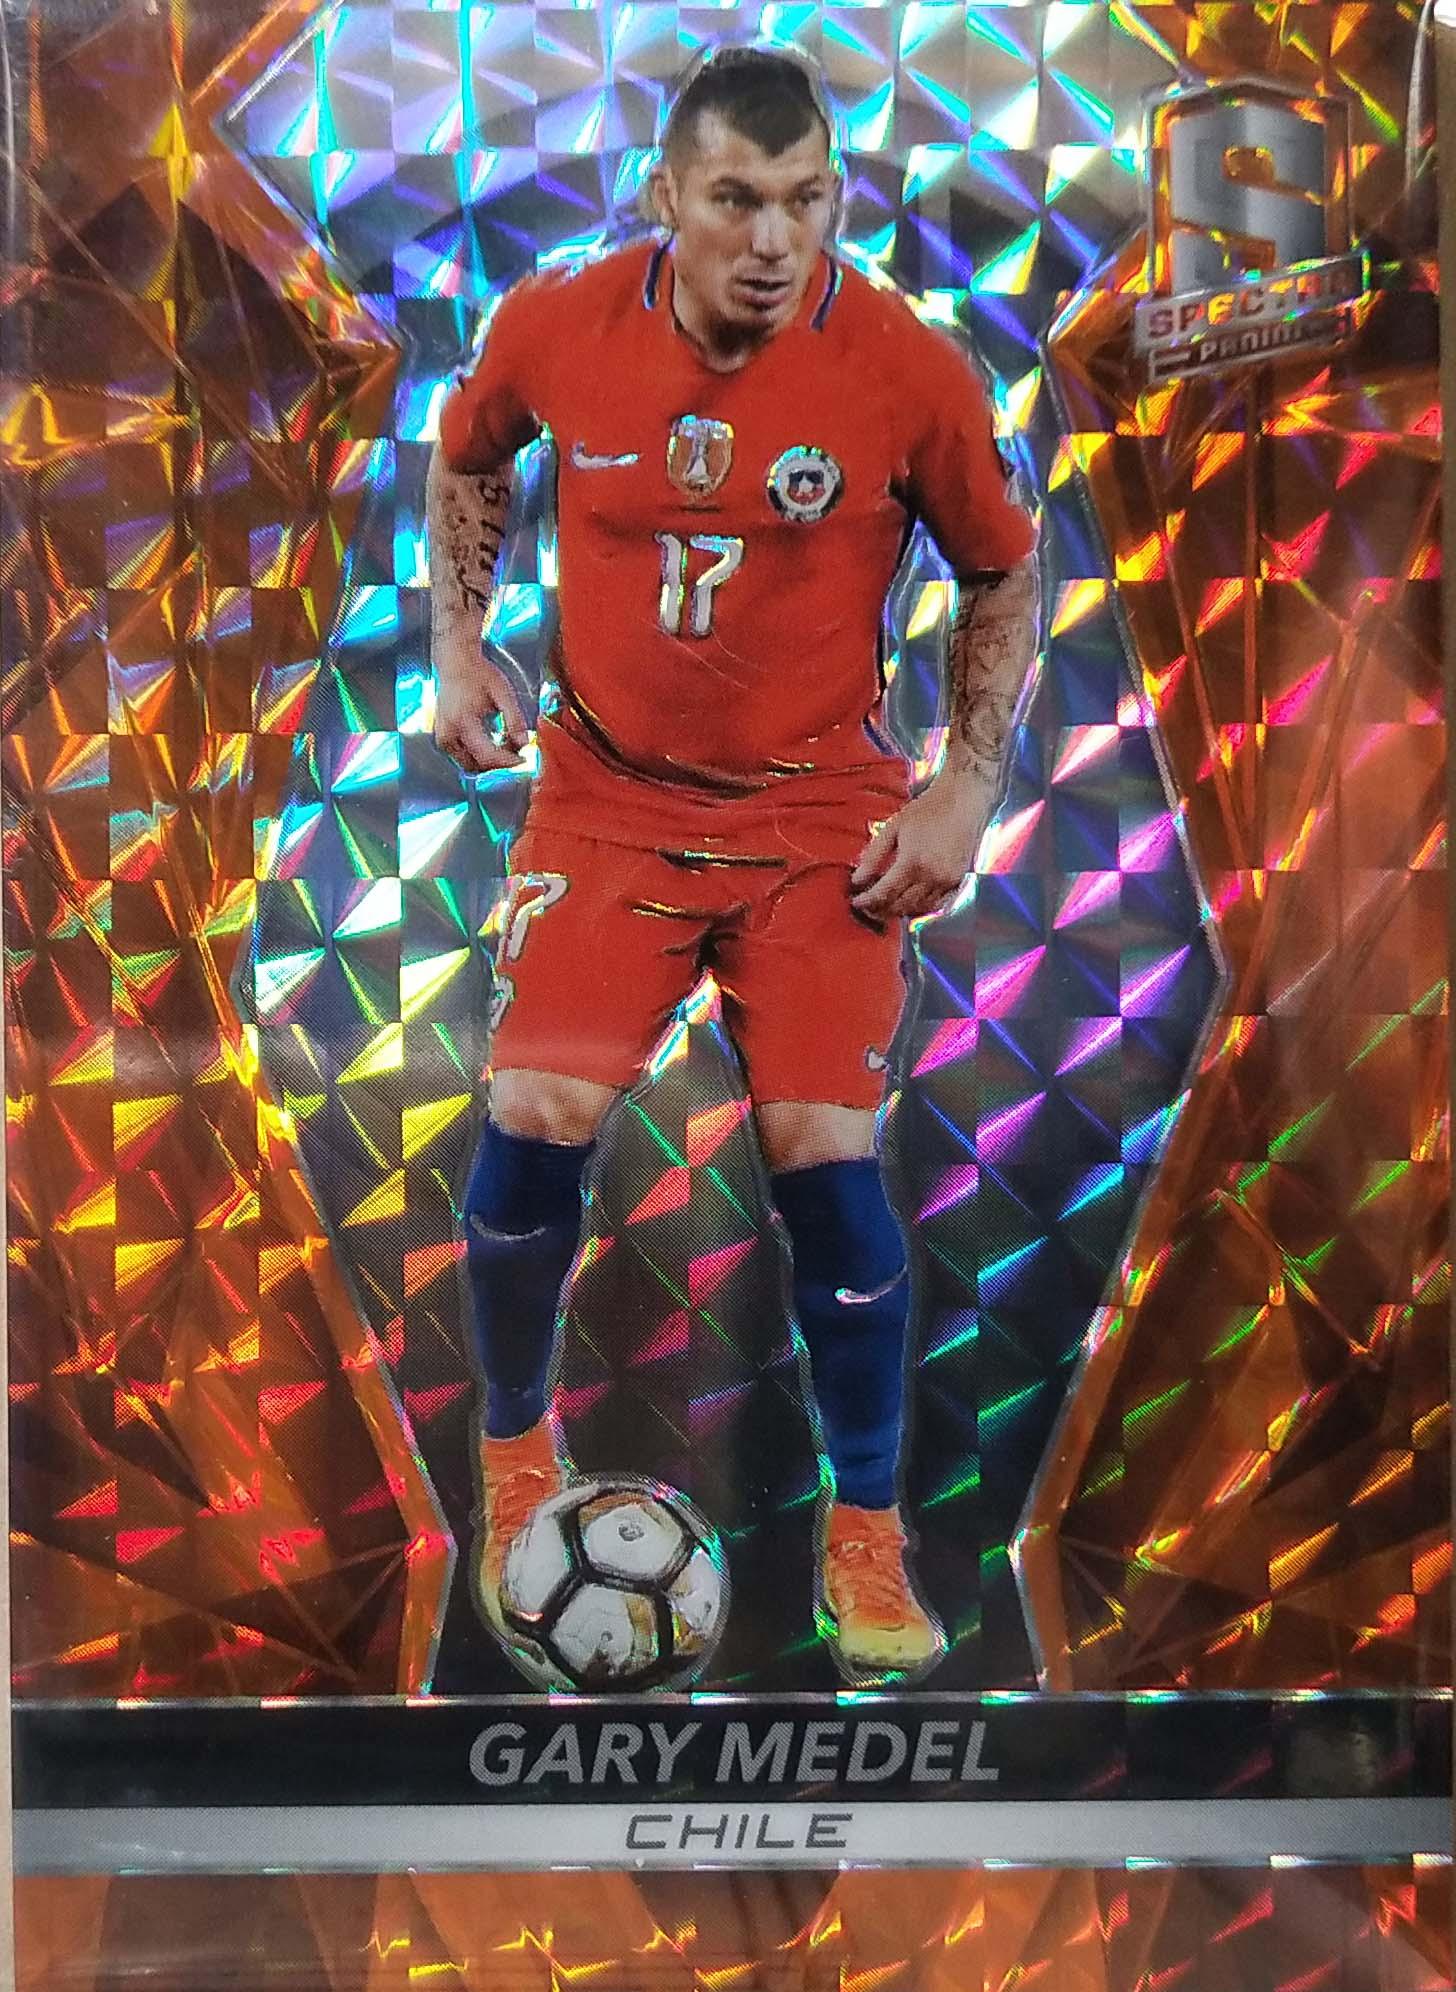 【自若清风】2016Panini帕尼尼光谱足球球星卡Gary Medel梅德尔智利10/10NO.68基础卡